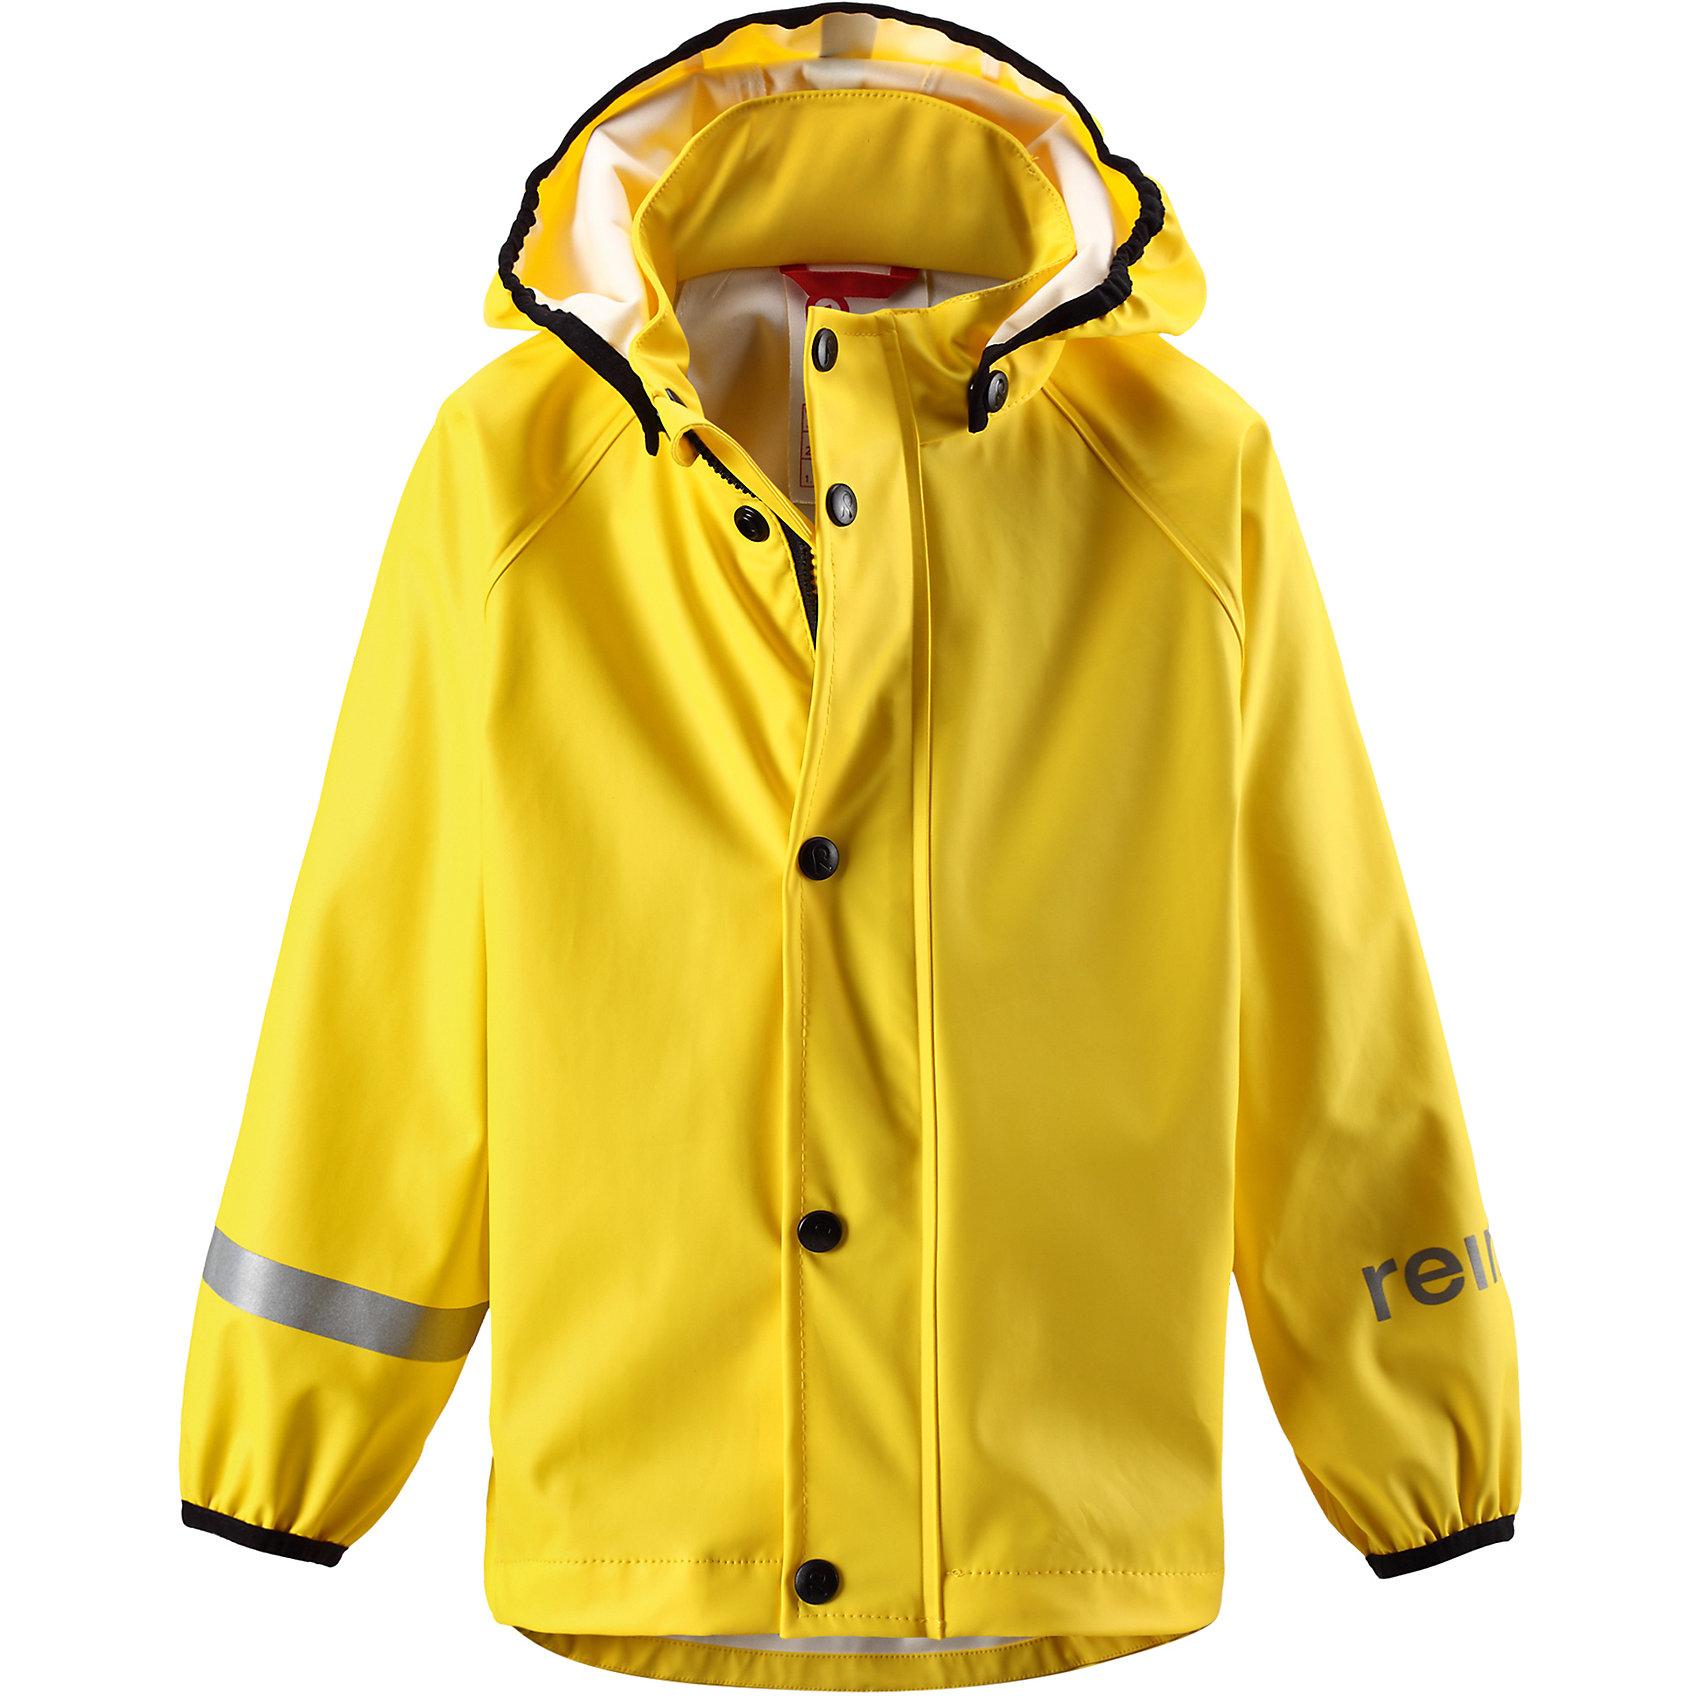 Плащ-дождевик Lampi ReimaВерхняя одежда<br>Плащ-дождевик  Reima<br>Куртка-дождевик для детей. Запаянные швы, не пропускающие влагу. Эластичный материал. Без ПХВ. Безопасный, съемный капюшон. Эластичная резинка на кромке капюшона. Эластичные манжеты. Молния спереди. Безопасные светоотражающие детали. Отличный вариант для дождливой погоды.<br>Уход:<br>Стирать по отдельности, вывернув наизнанку. Застегнуть молнии и липучки. Стирать моющим средством, не содержащим отбеливающие вещества. Полоскать без специального средства. Во избежание изменения цвета изделие необходимо вынуть из стиральной машинки незамедлительно после окончания программы стирки. Сушить при низкой температуре.<br>Состав:<br>100% Полиамид, полиуретановое покрытие<br><br>Ширина мм: 356<br>Глубина мм: 10<br>Высота мм: 245<br>Вес г: 519<br>Цвет: желтый<br>Возраст от месяцев: 60<br>Возраст до месяцев: 72<br>Пол: Унисекс<br>Возраст: Детский<br>Размер: 116,92,140,86,98,134,128,122,110,104<br>SKU: 4776426